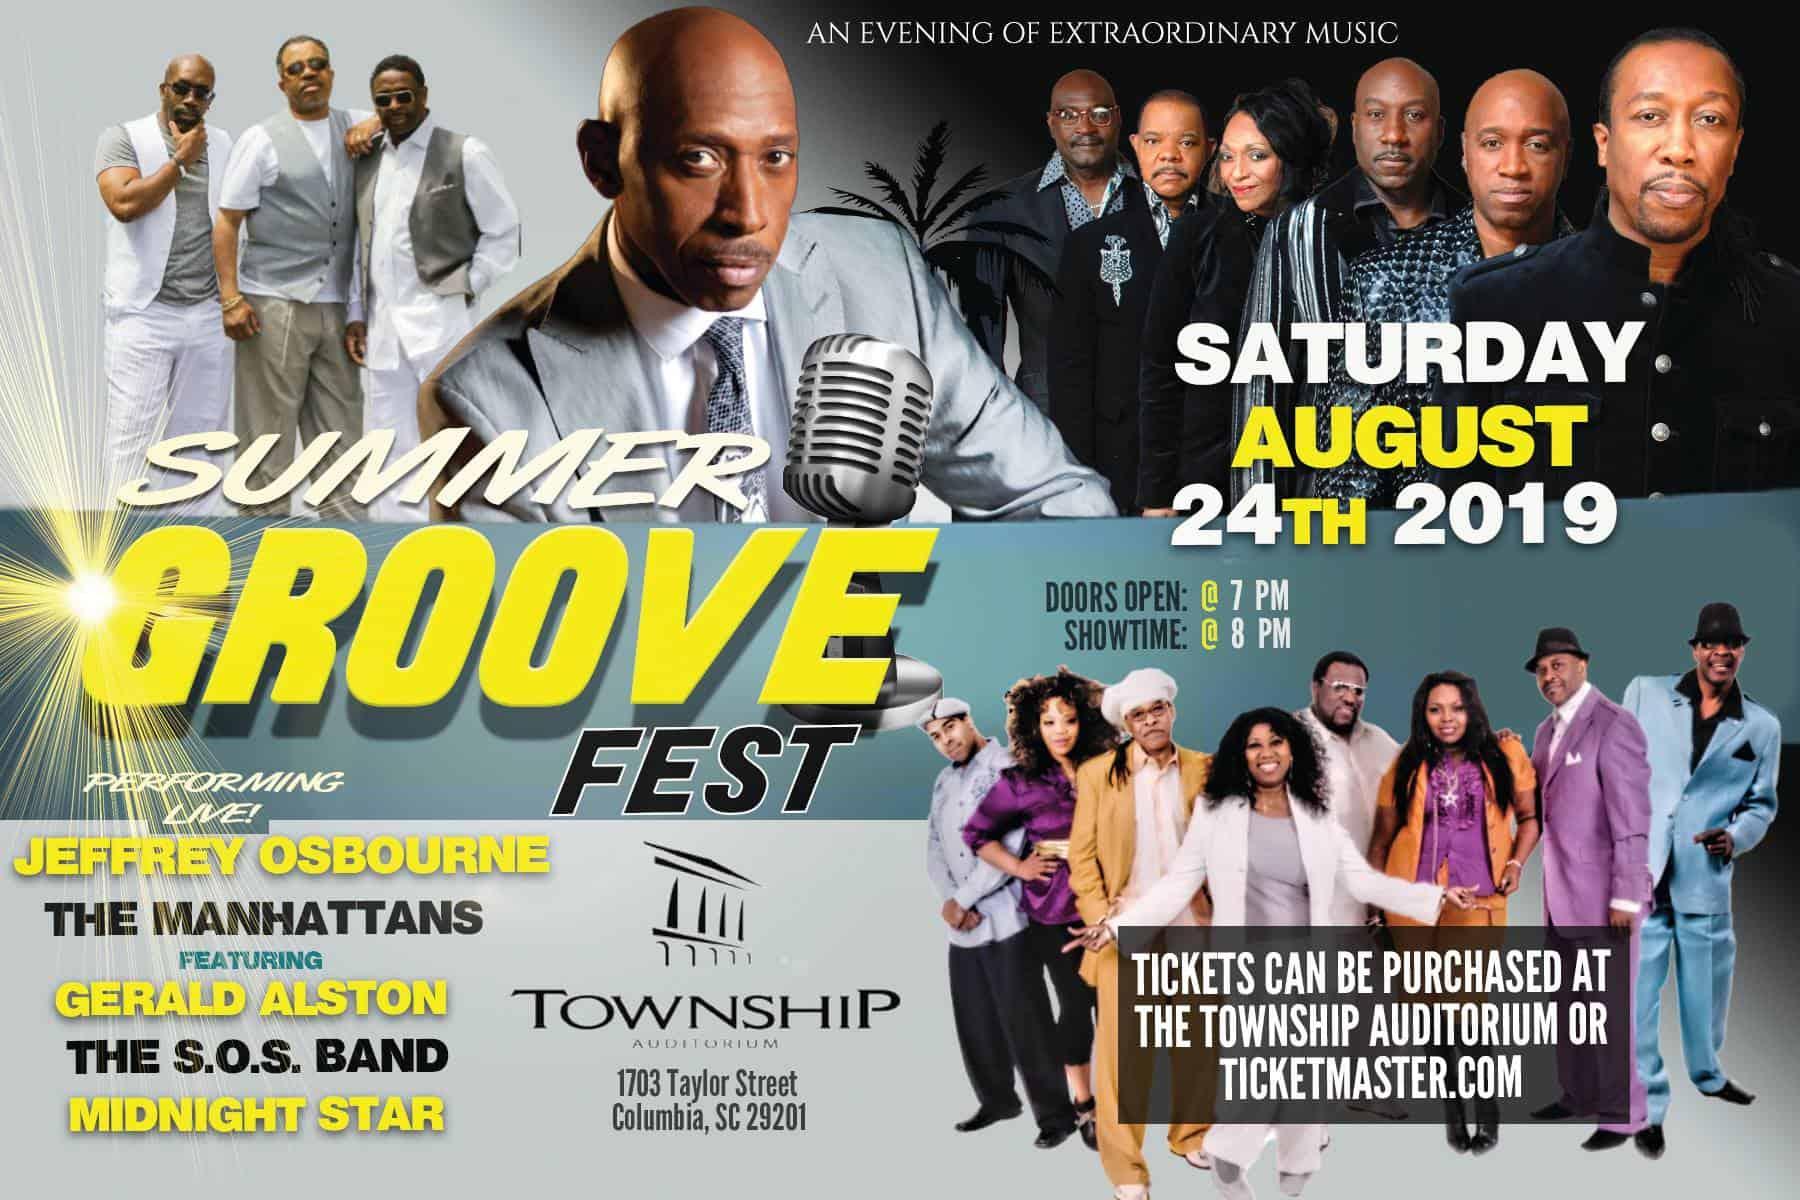 Summer Groove Fest